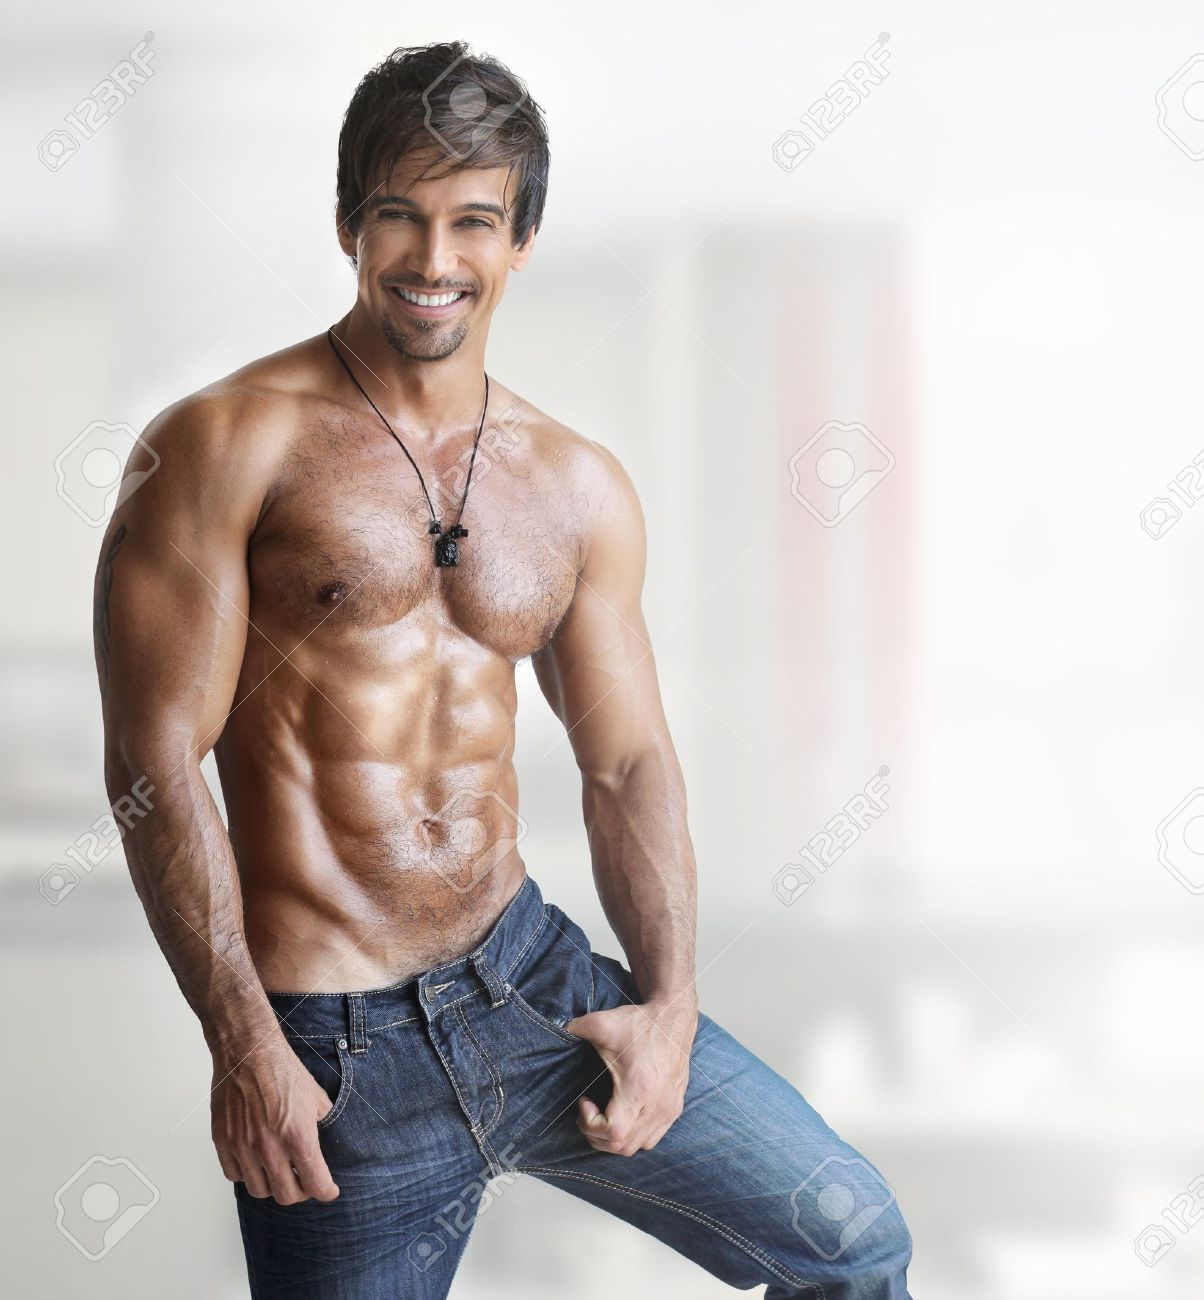 fotos de abdominales masculinos